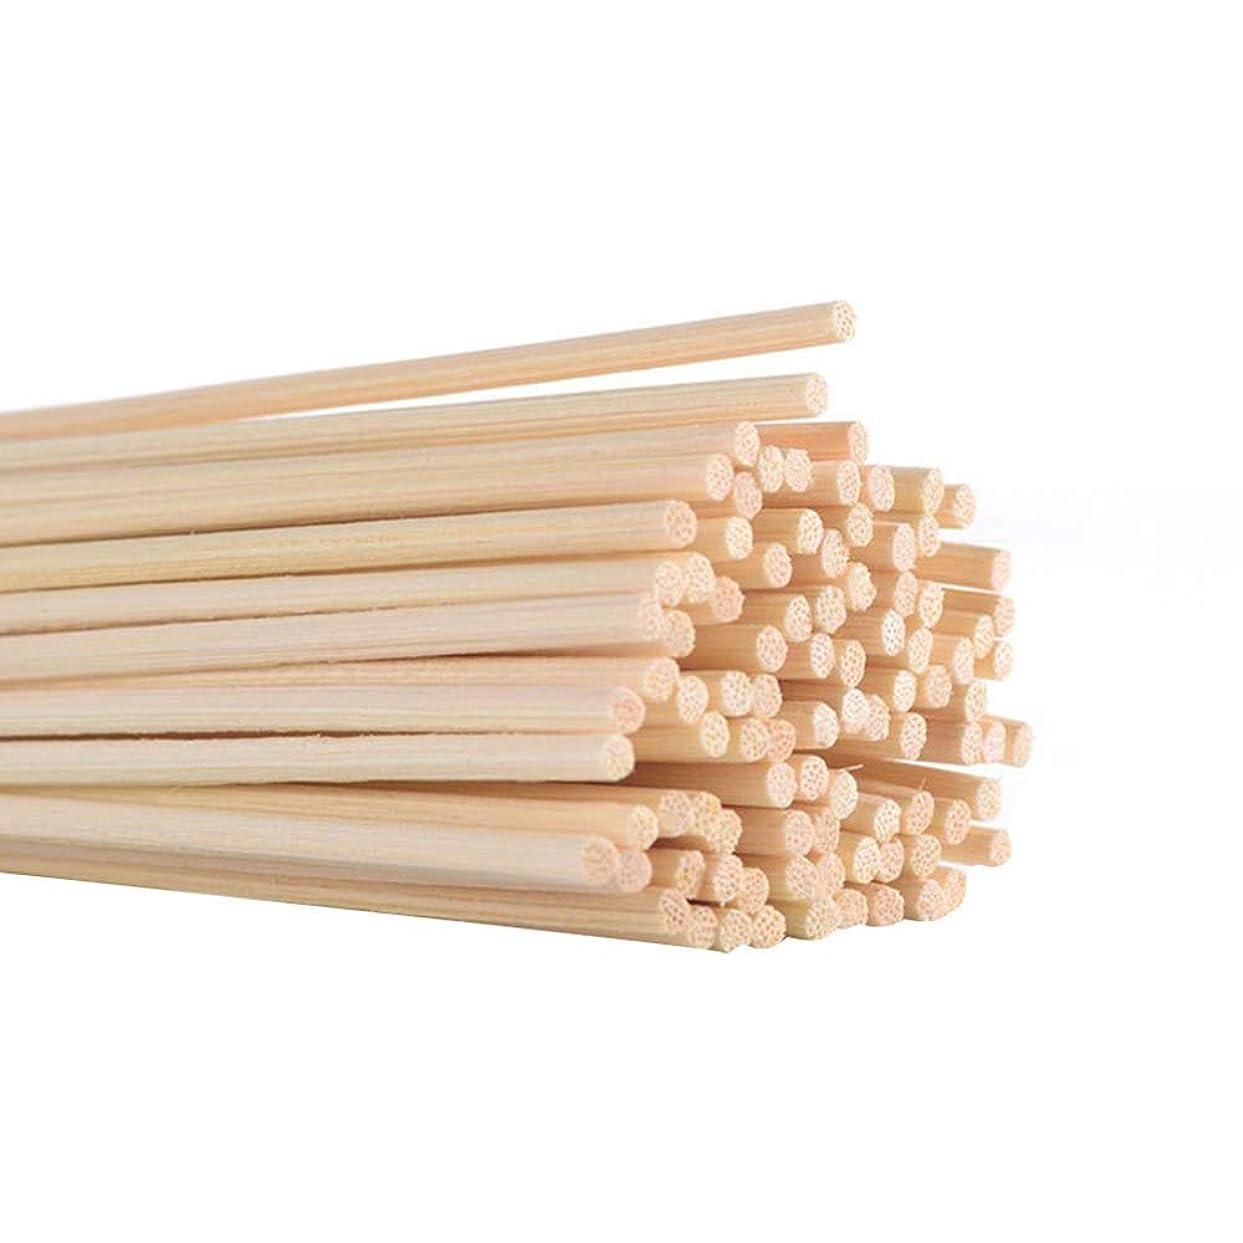 最小お尻コレクション120PCS ディフューザースティック リードスティック 香りの拡散器 自然な藤のリード 籐リードスティック アロマオイルディフューザー 芳香の精油の拡散器 籐スティック 交換用スティック